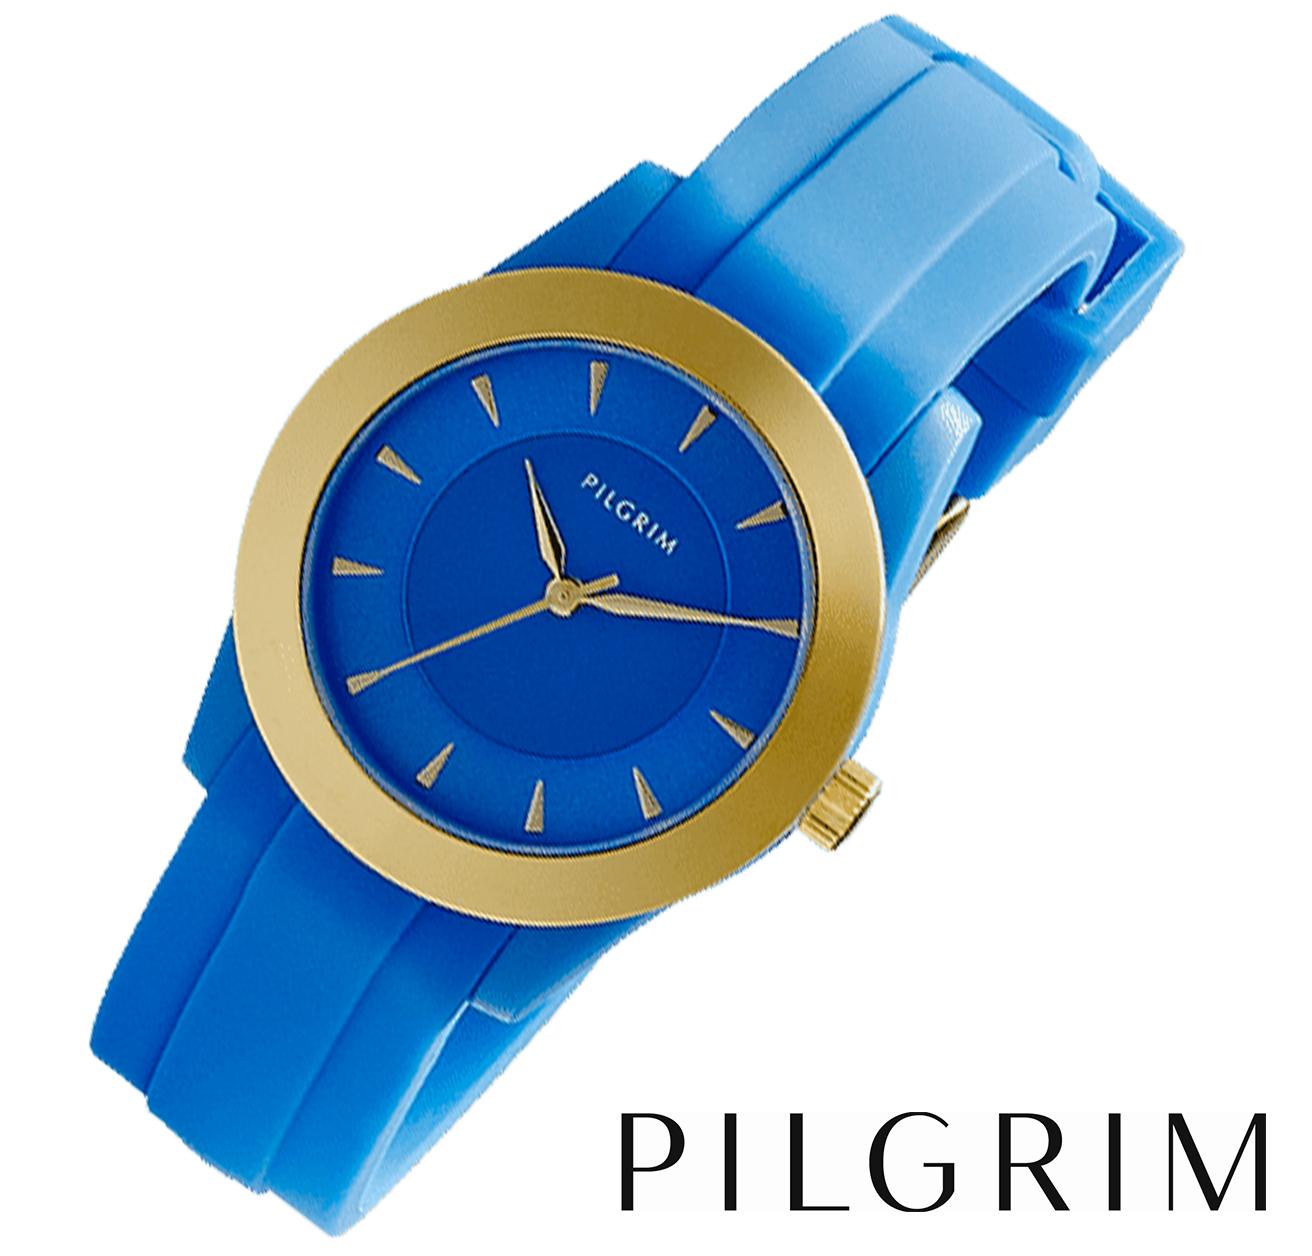 pilgrim klocka blå